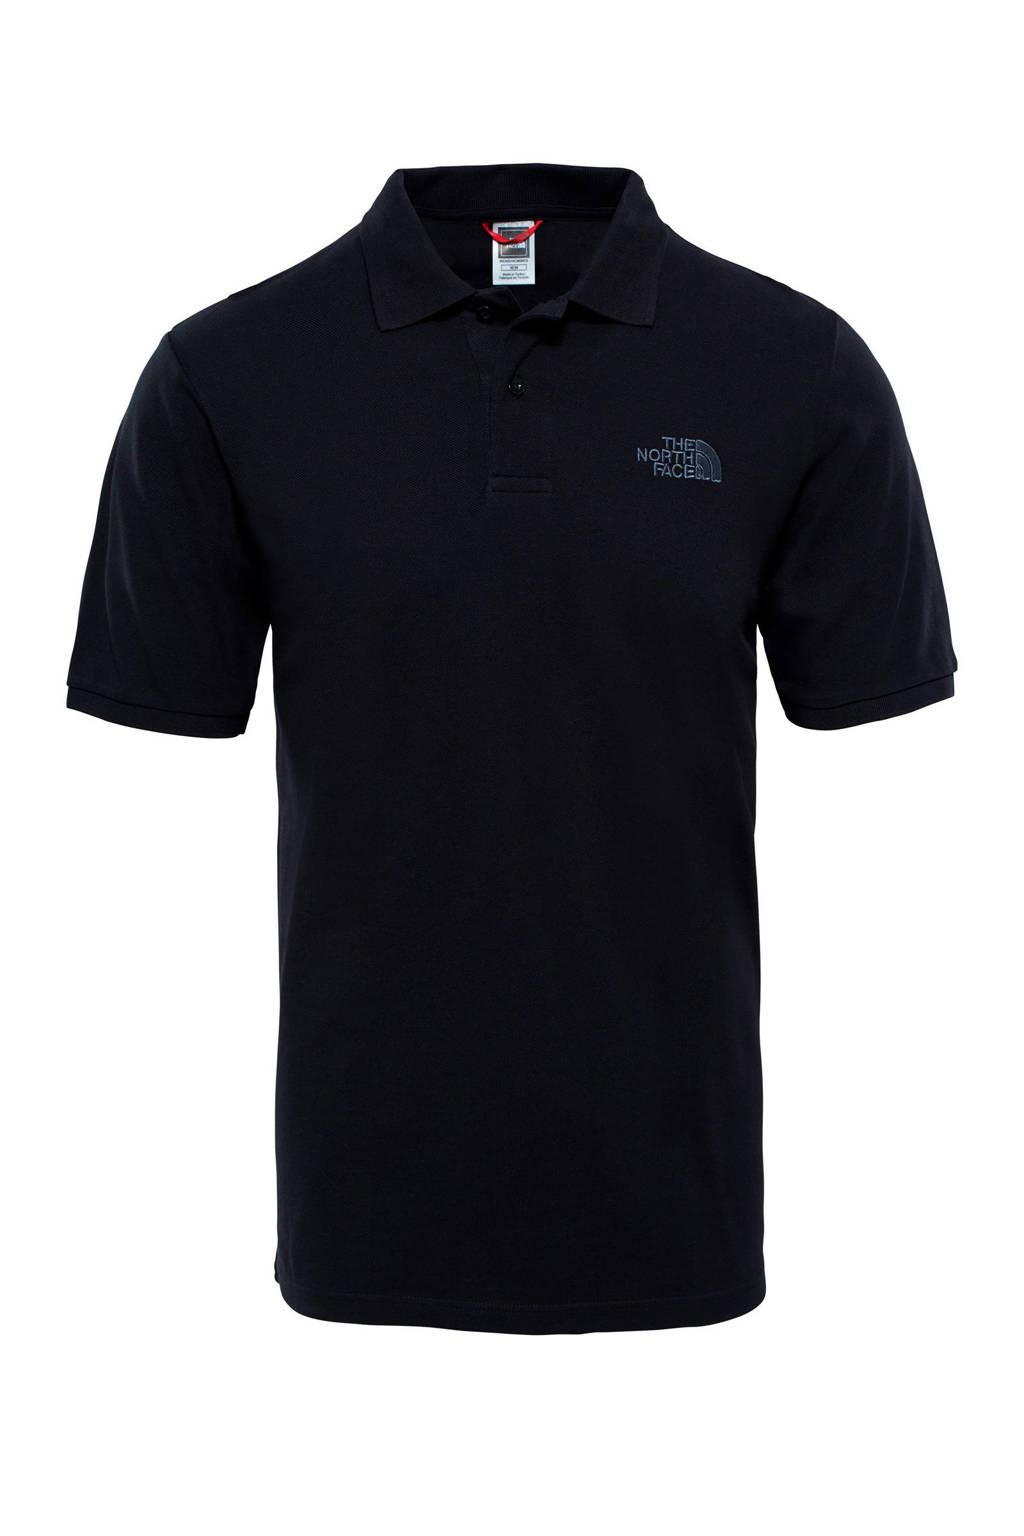 The North Face polo Piquet zwart, Zwart